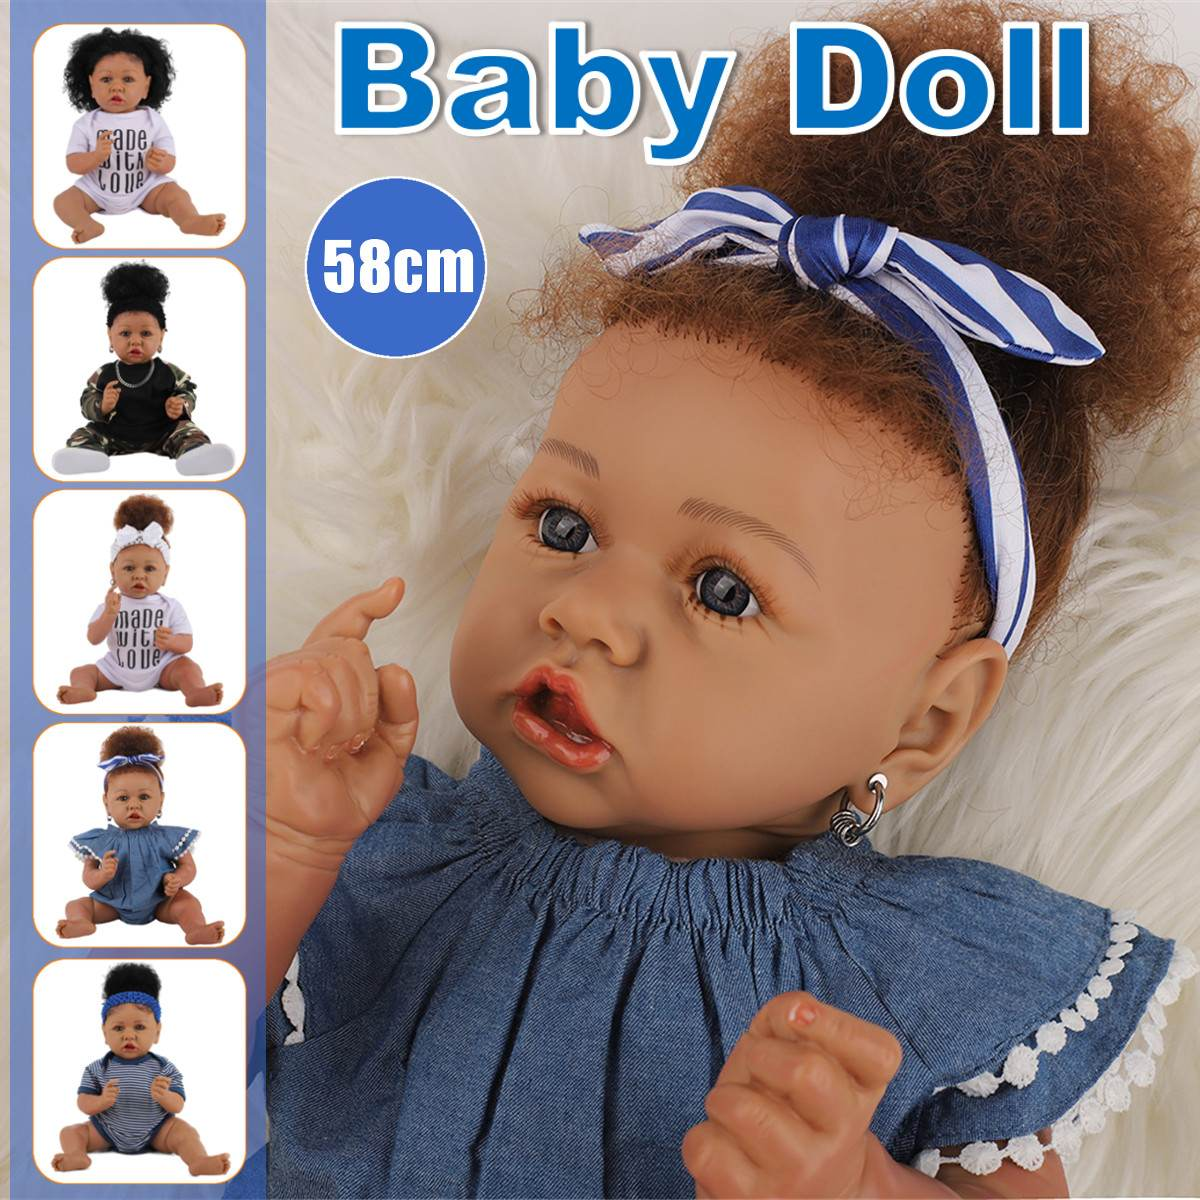 Princesa 58cm 23 polegada reborn bebê boneca cheia de silicone onda cabelo reborn bonecas do bebê artesanal banho jogar brinquedo à prova dwaterproof água presente para o miúdo